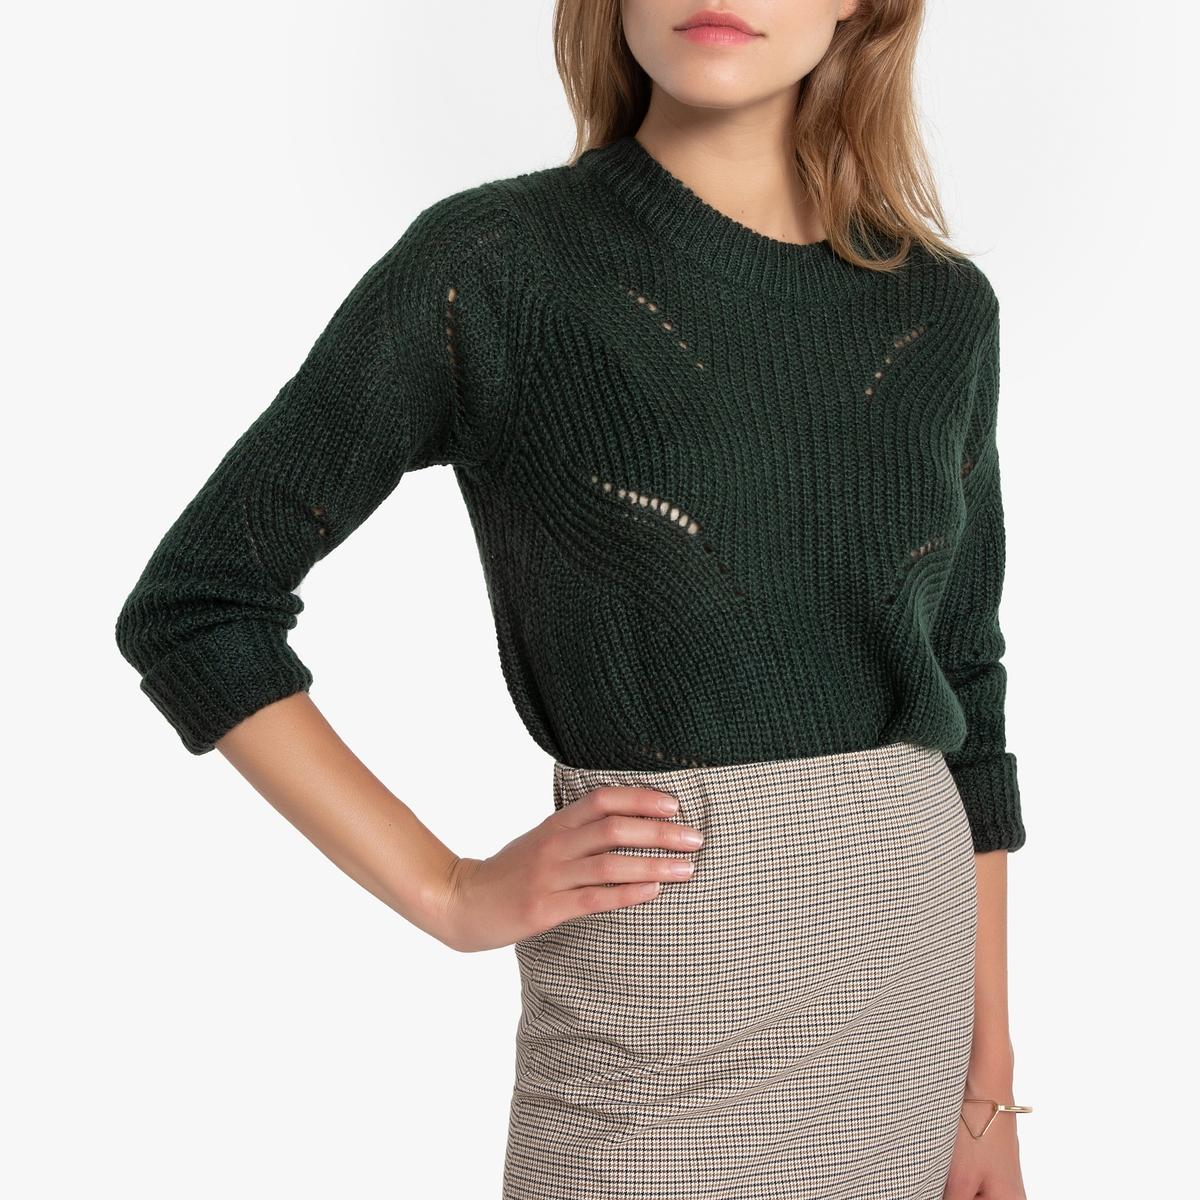 Пуловер La Redoute С круглым вырезом из плотного трикотажа XL зеленый пуловер la redoute с круглым вырезом из плотного трикотажа 3xl бежевый